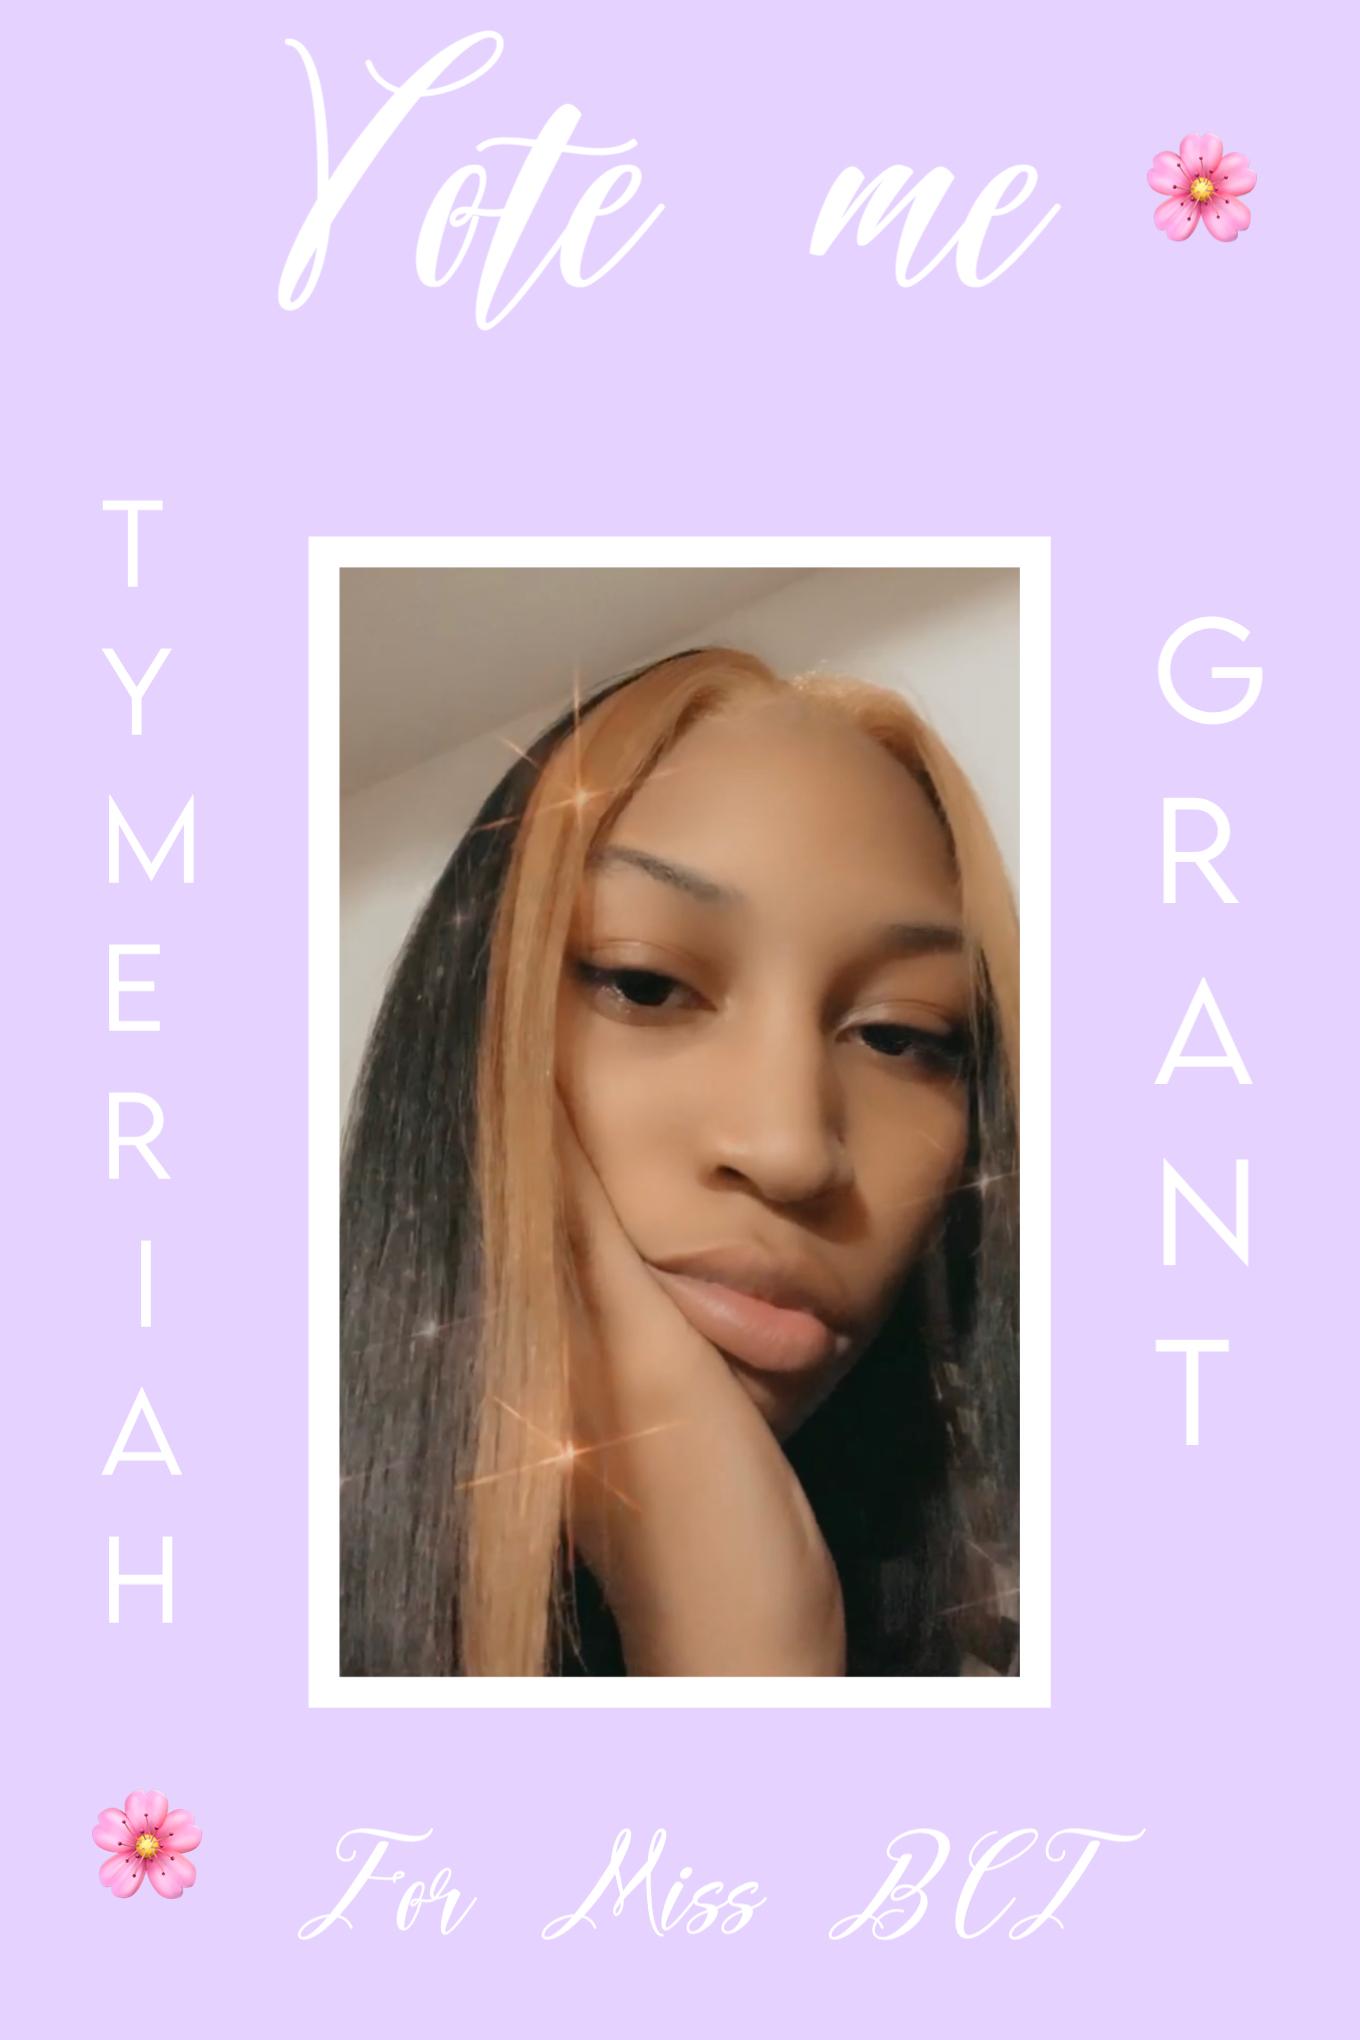 Tymeriah Grant